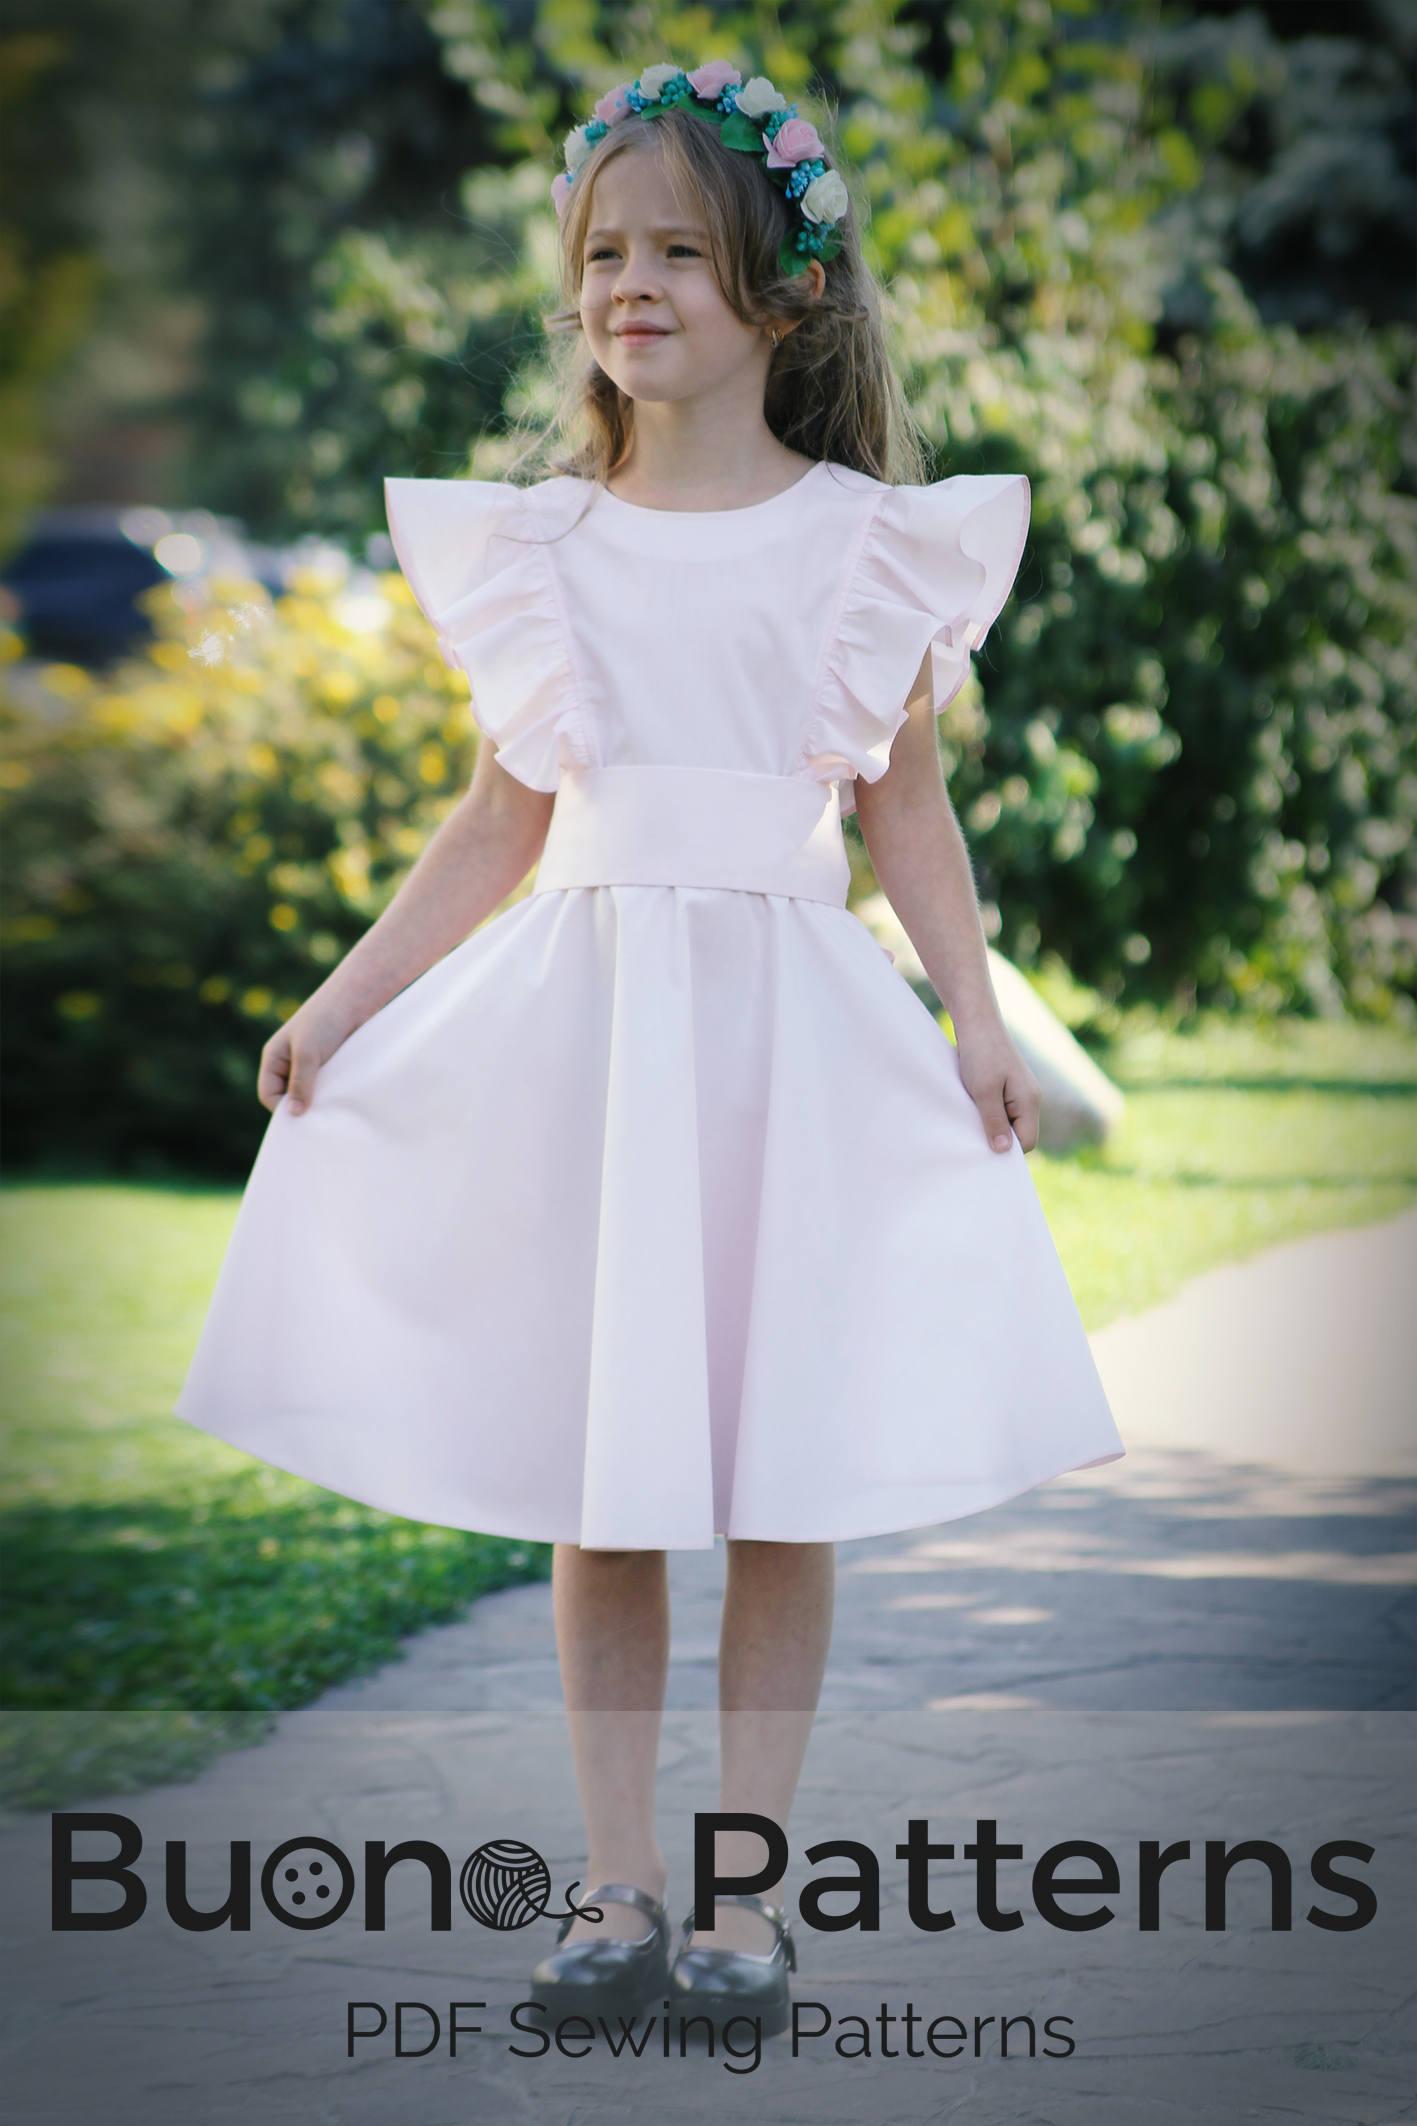 PDF-Schnittmuster ärmelloses Kleid mit Rüschen. Rüschen Sie